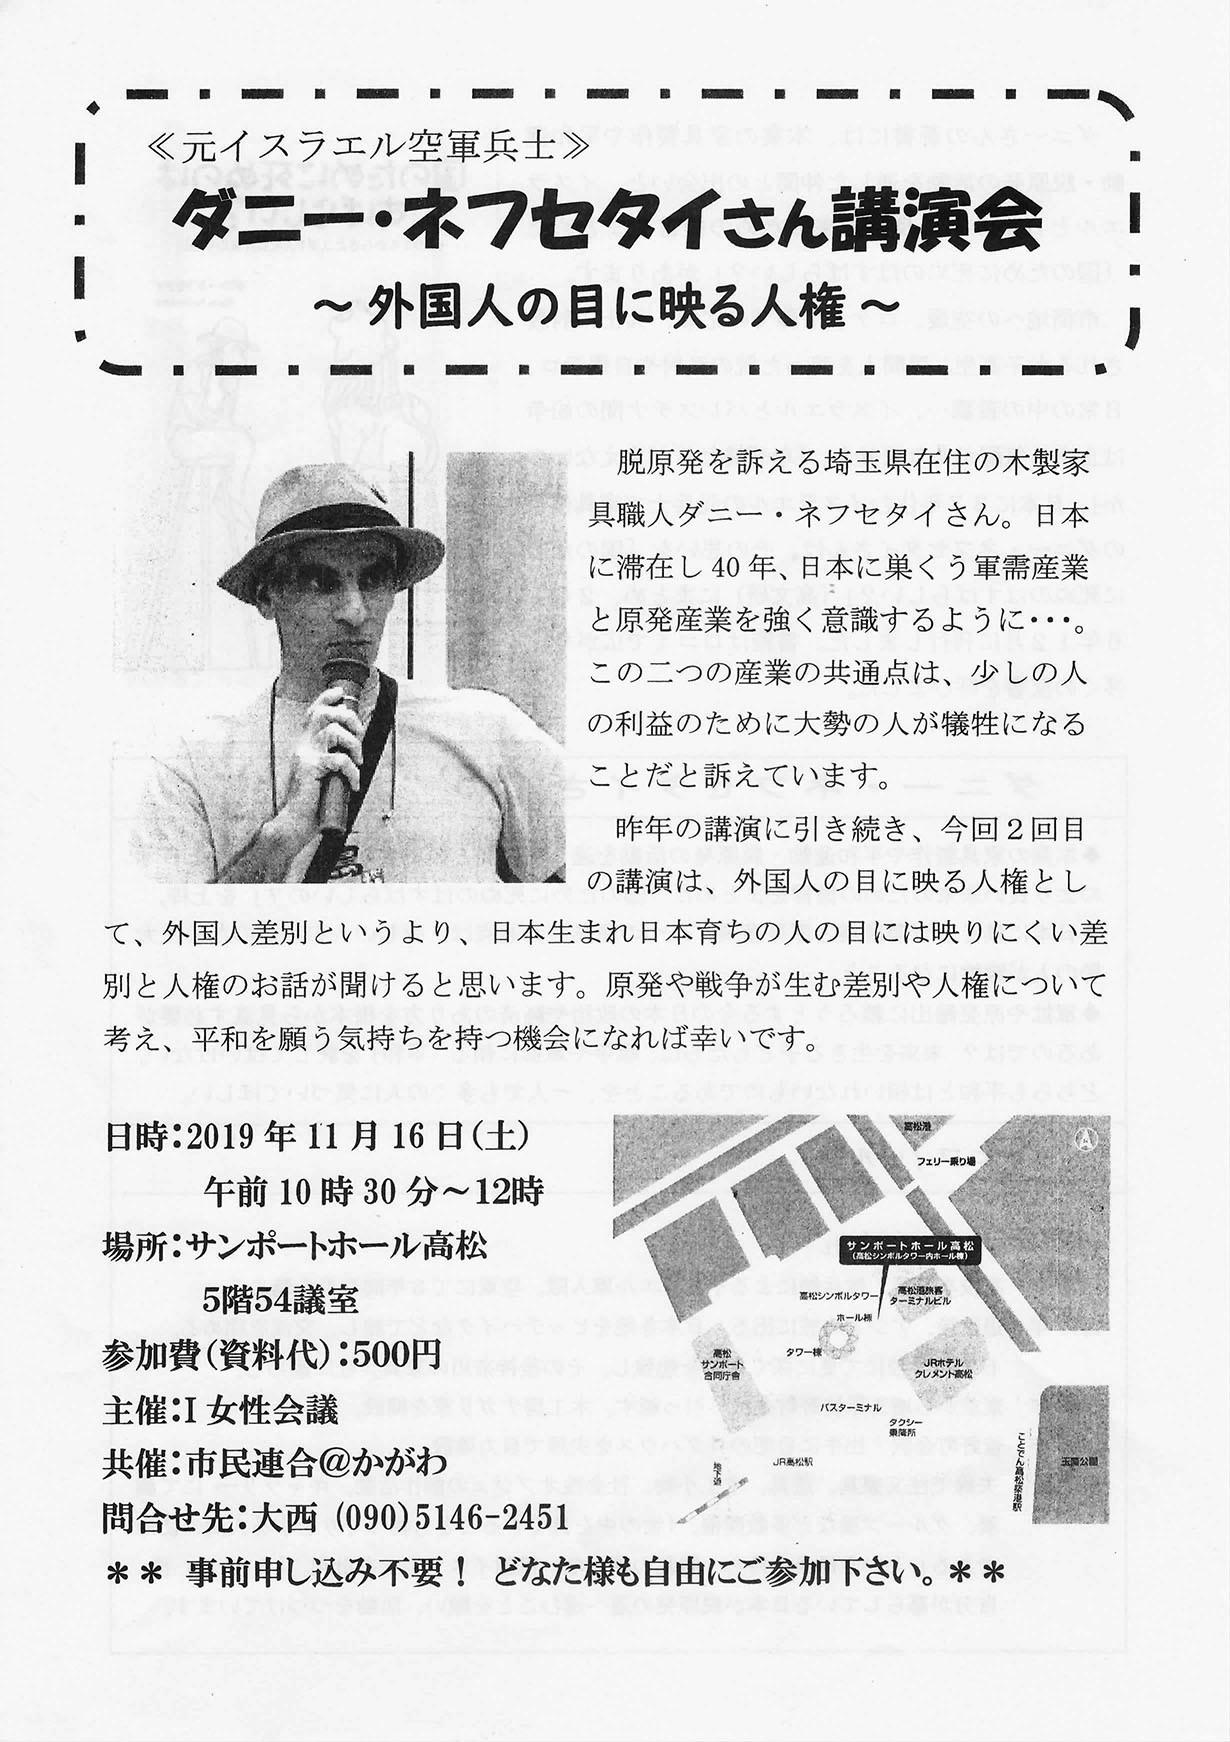 2019年9月〜の脱原発関係イベントのご案内 in高松 11/30更新_b0242956_20422709.jpg